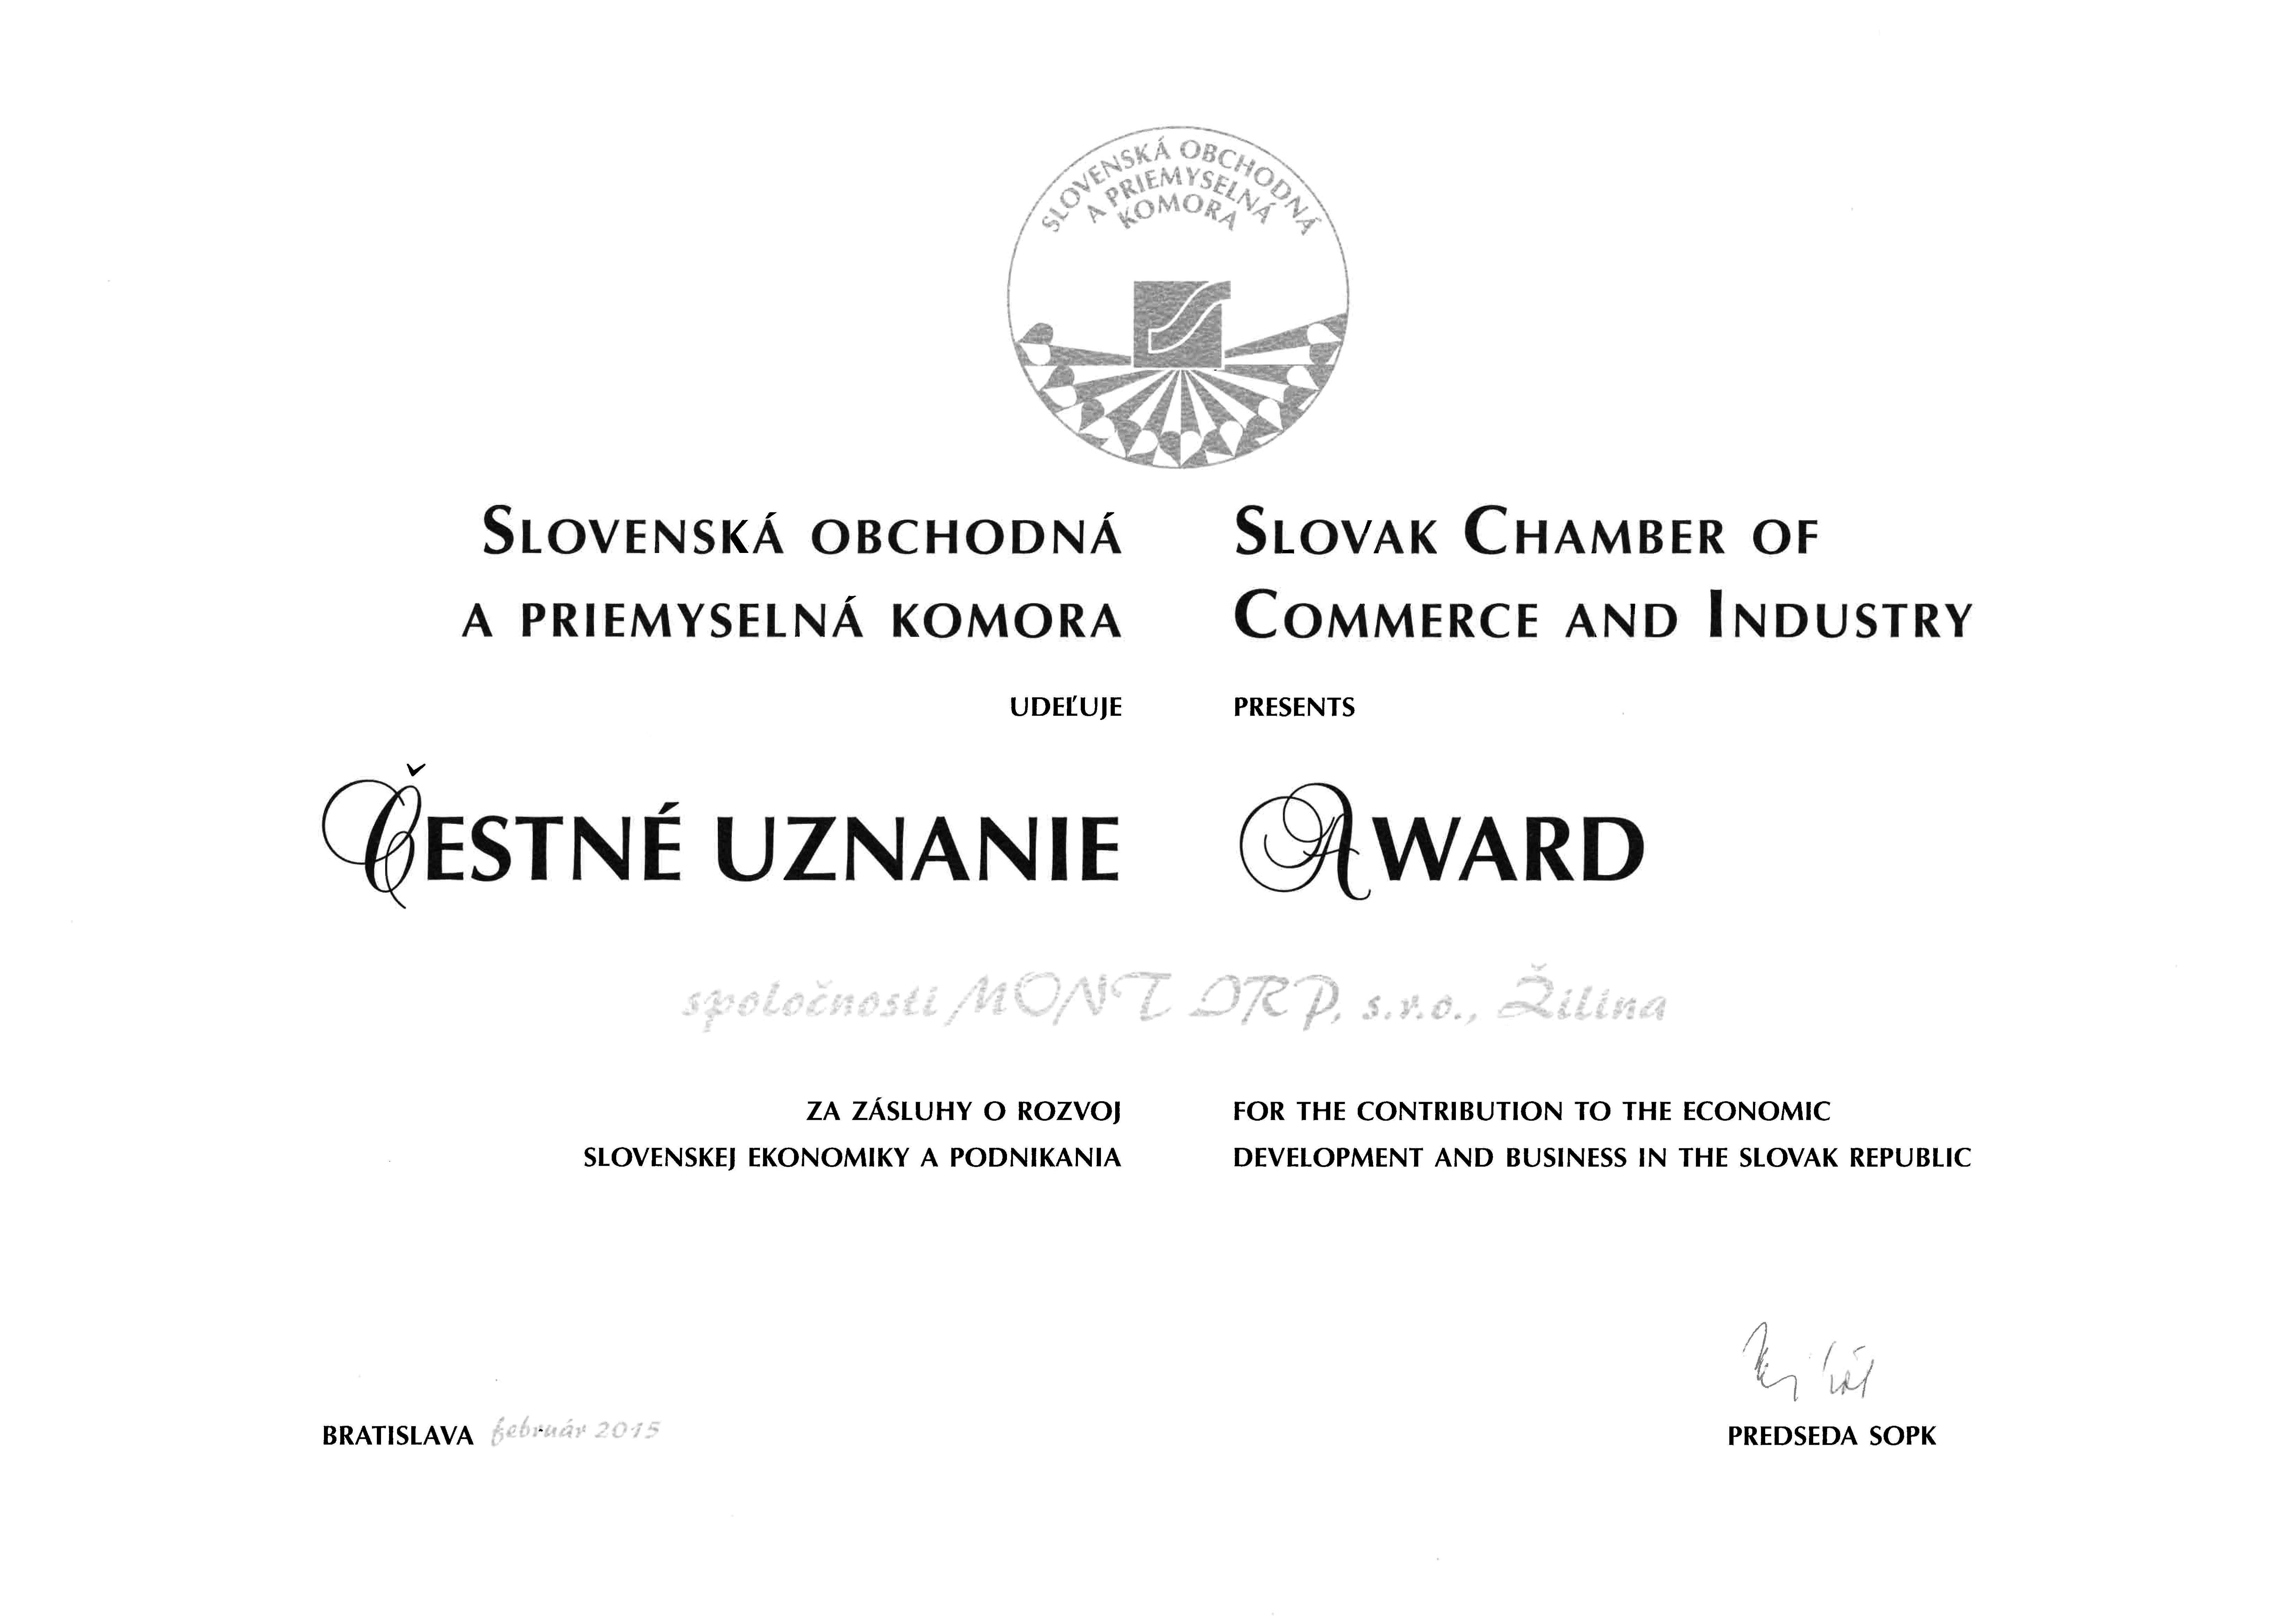 Čestné uznanie -Slovenská obchodná komora 2015